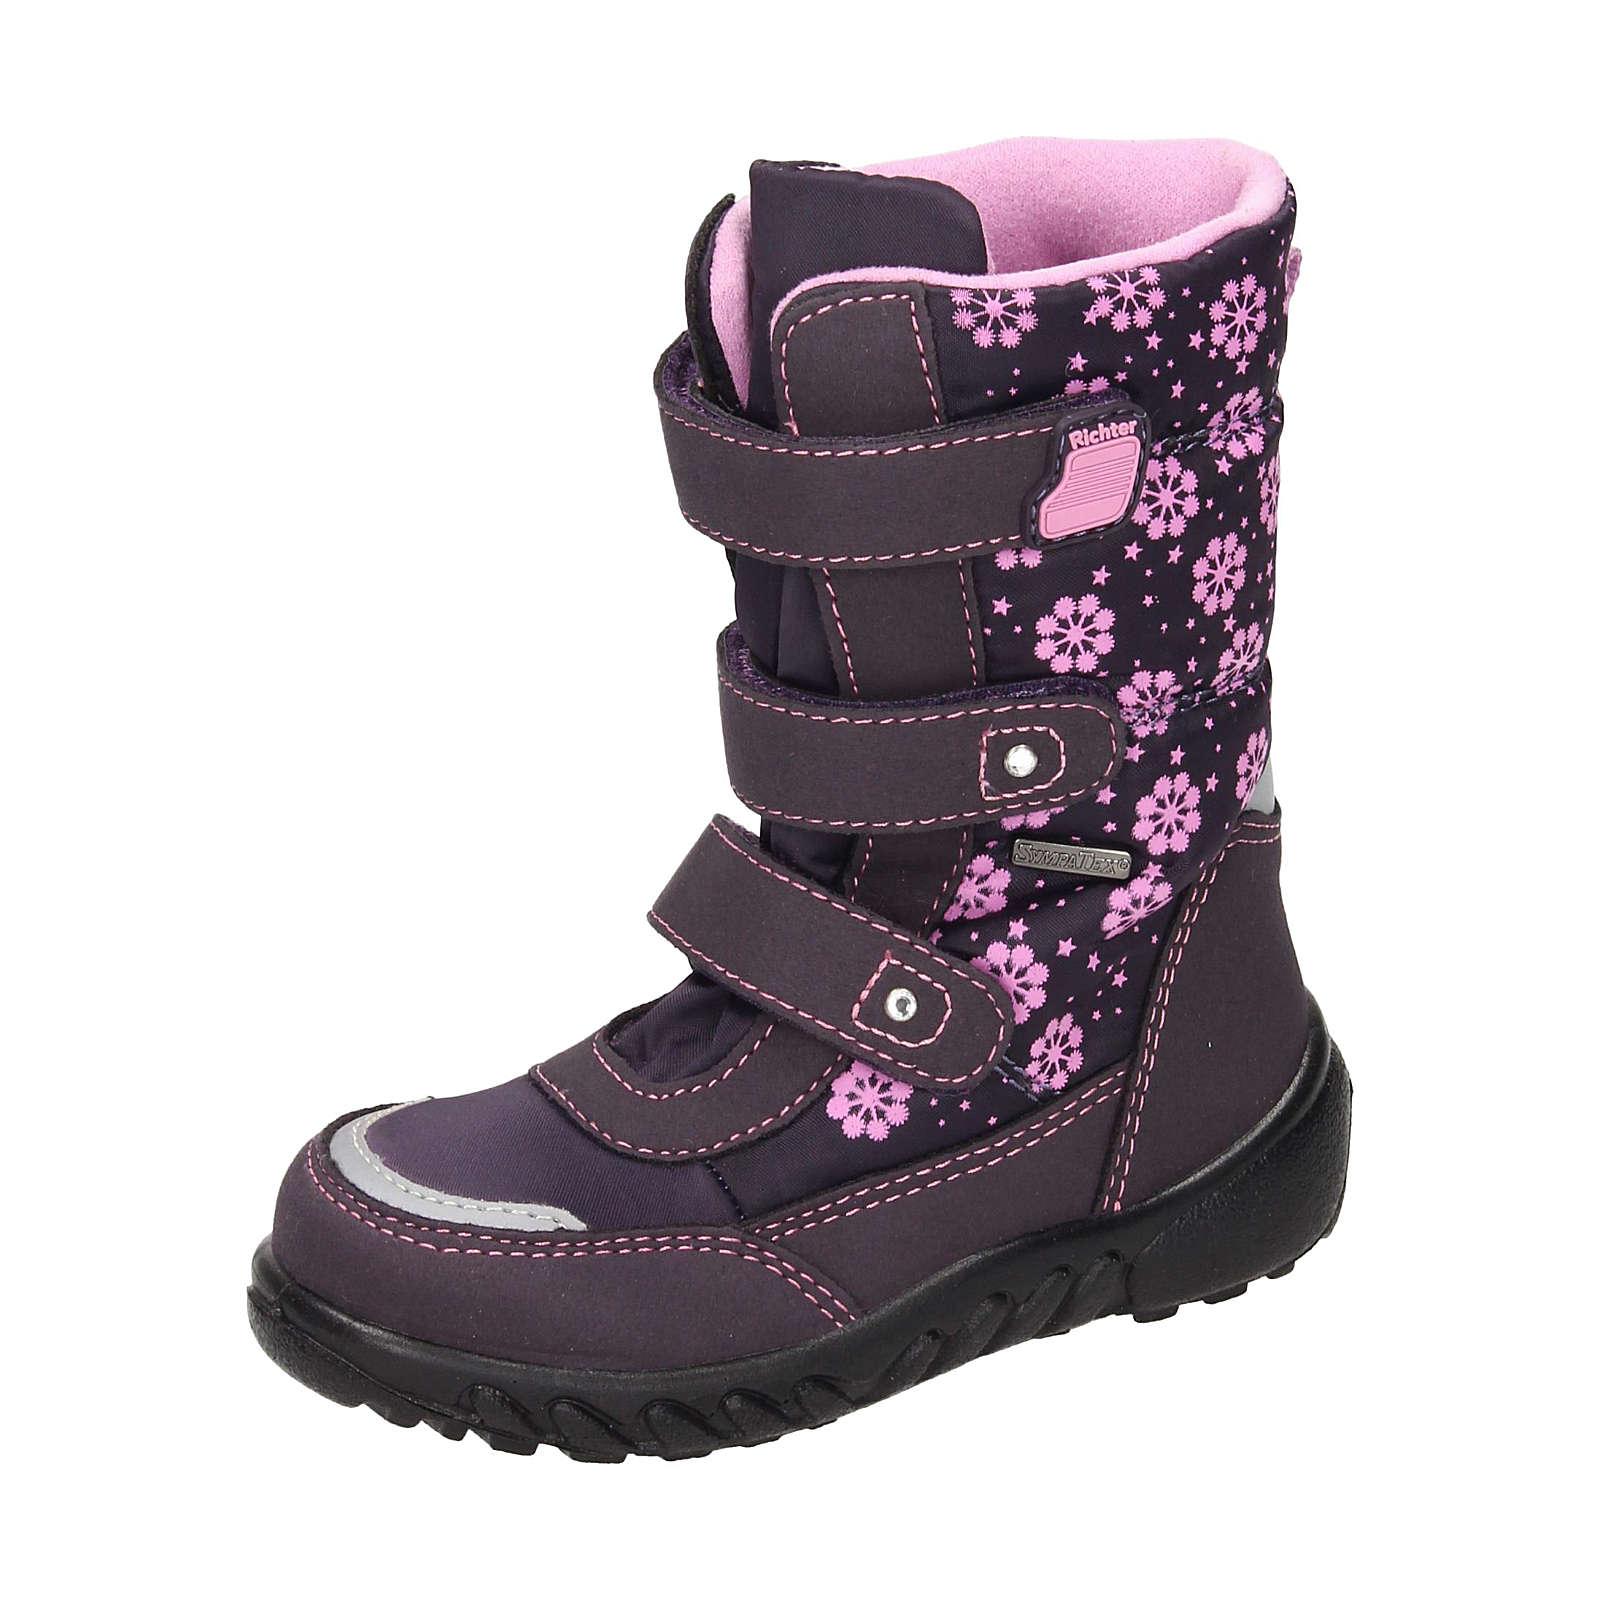 RICHTER Stiefel für Mädchen lila Mädchen Gr. 30